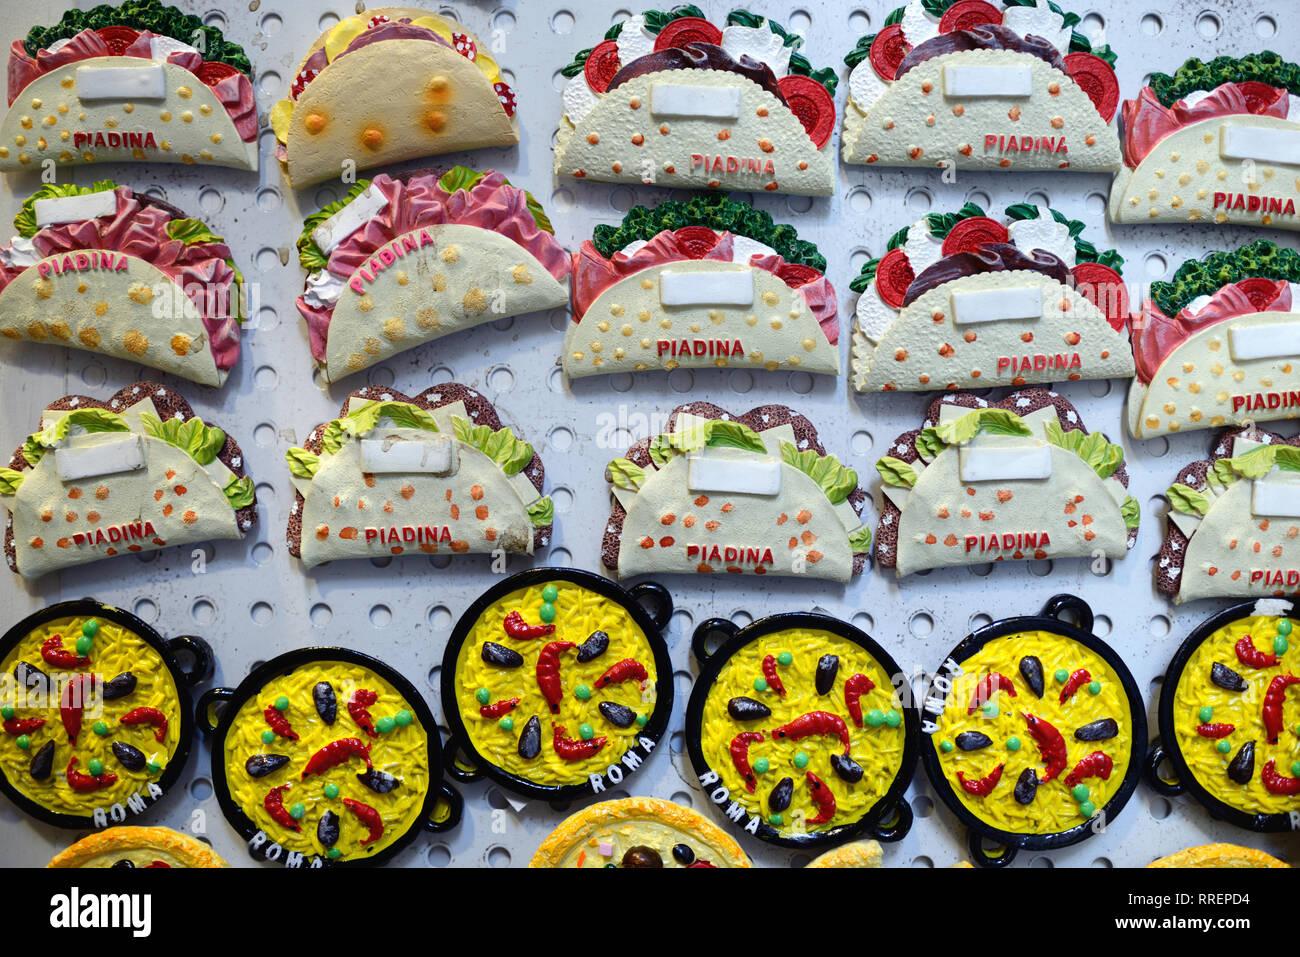 Souvenir magneti per il frigo di cibo italiano piatti comprese Piadina Flatbread panini, frittata frittate & Pizza in vendita nel negozio di articoli da regalo a Roma Italia Immagini Stock